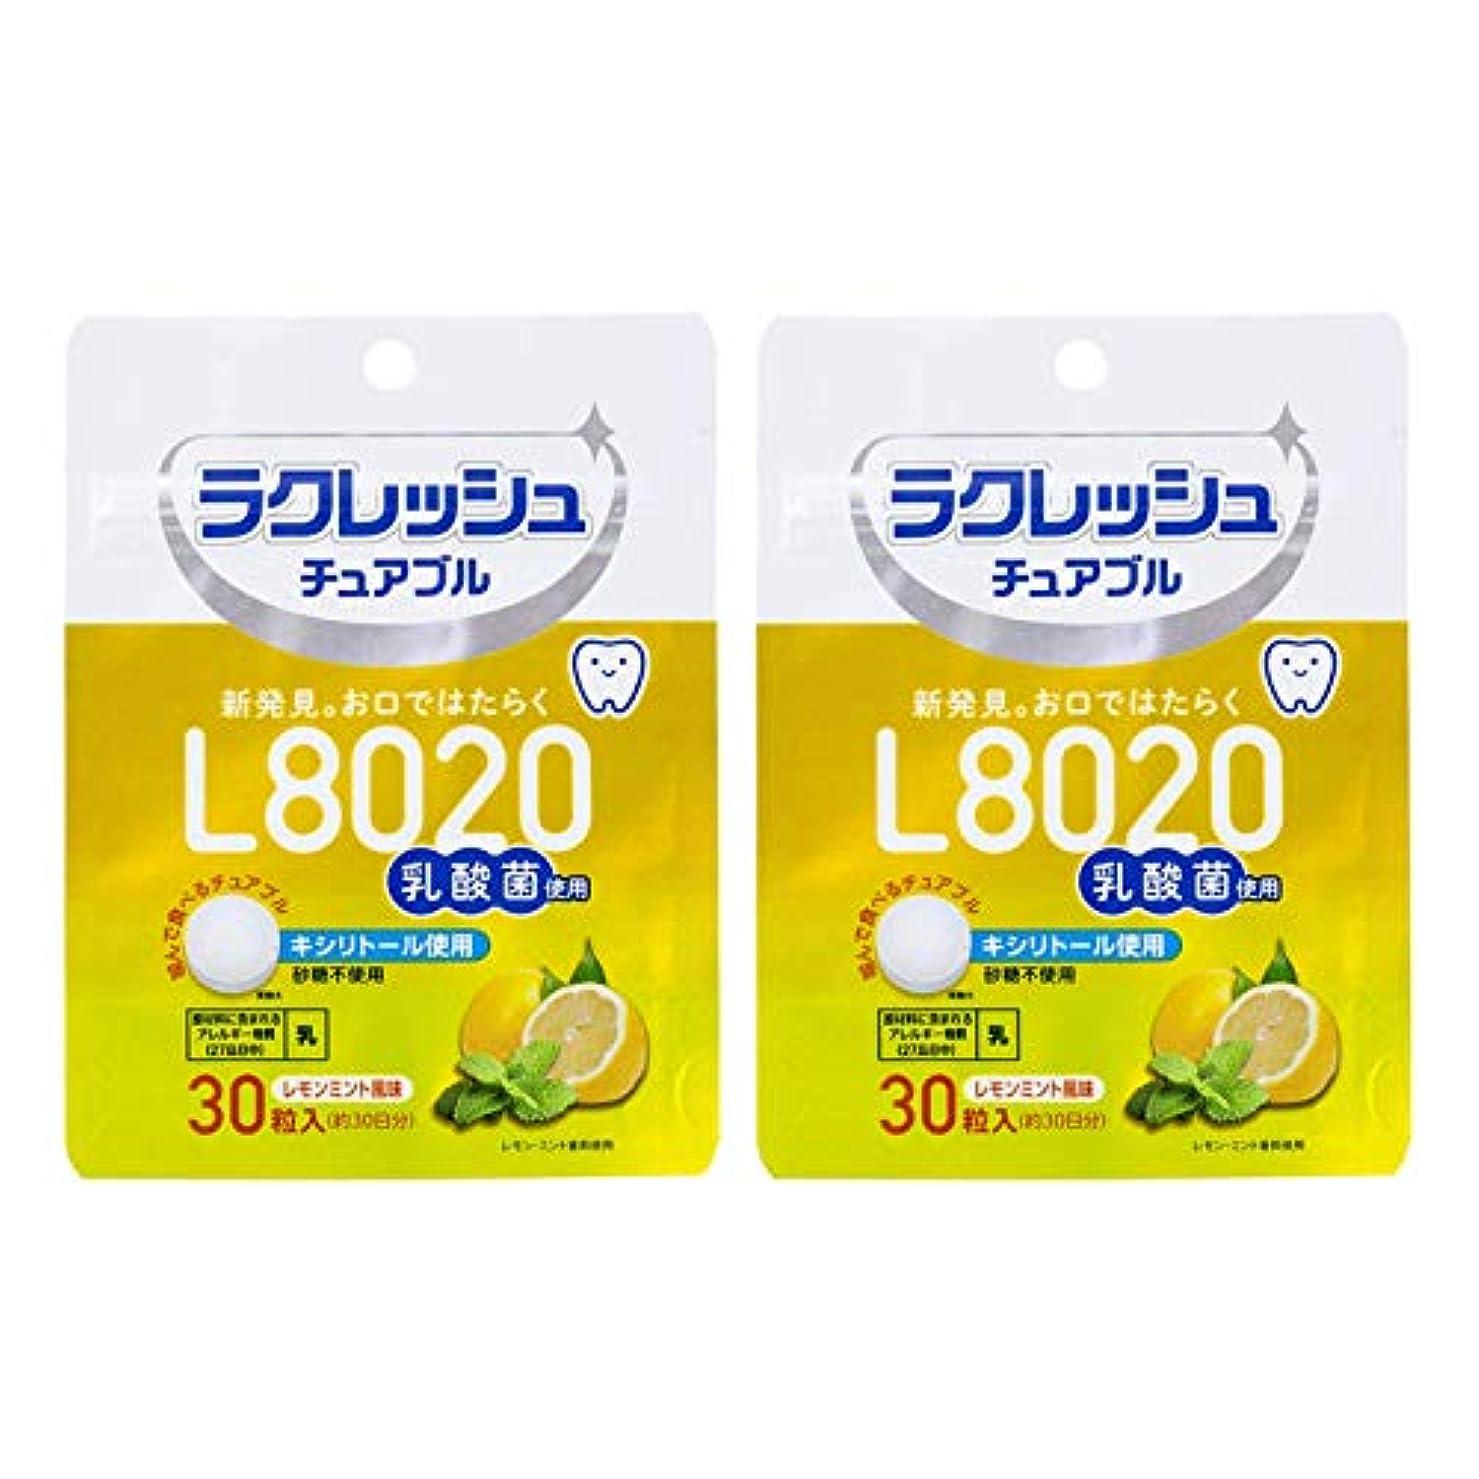 間欠バランスのとれた荷物ラクレッシュ L8020 乳酸菌 チュアブル レモンミント風味 オーラルケア 30粒入×2袋